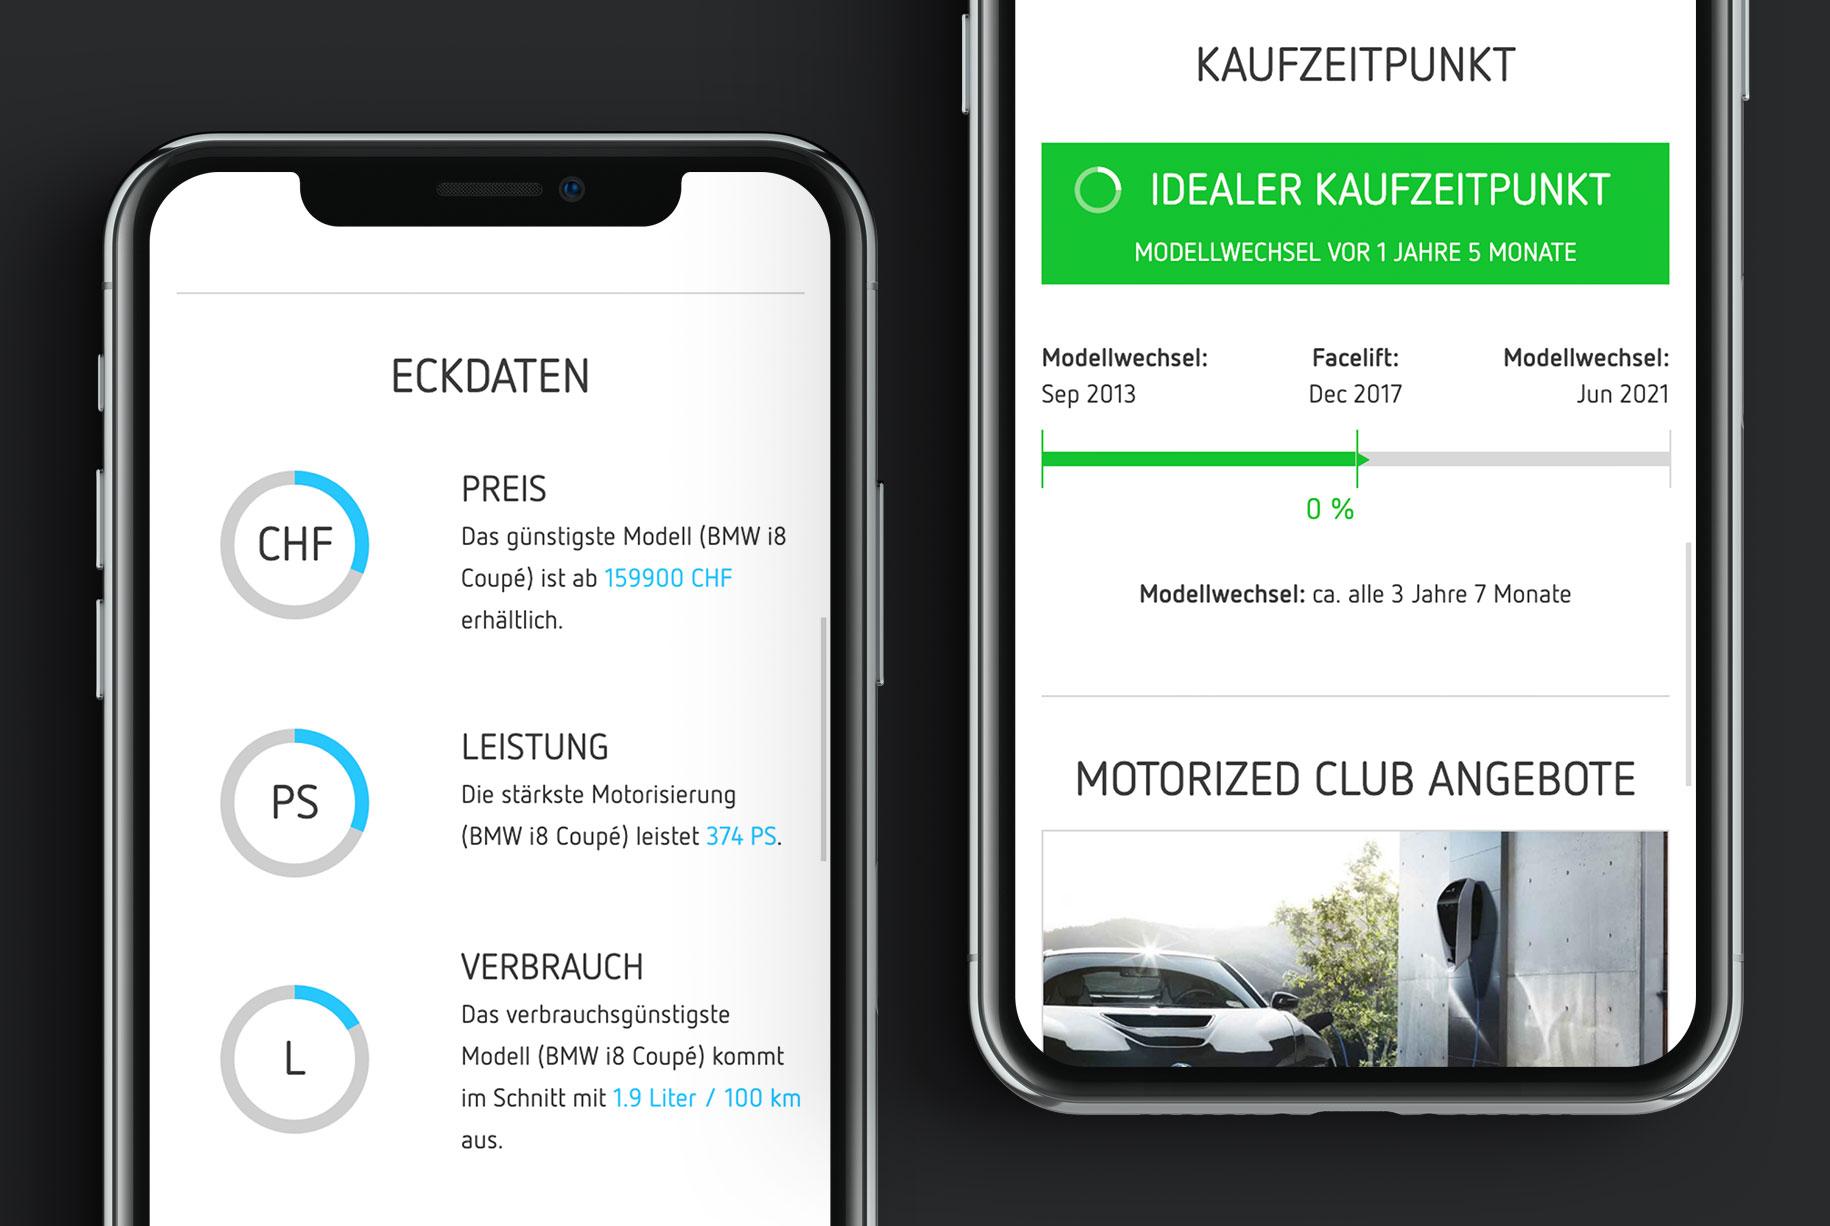 Mobile Darstellung der motorized Eckdaten und der Zeitleiste